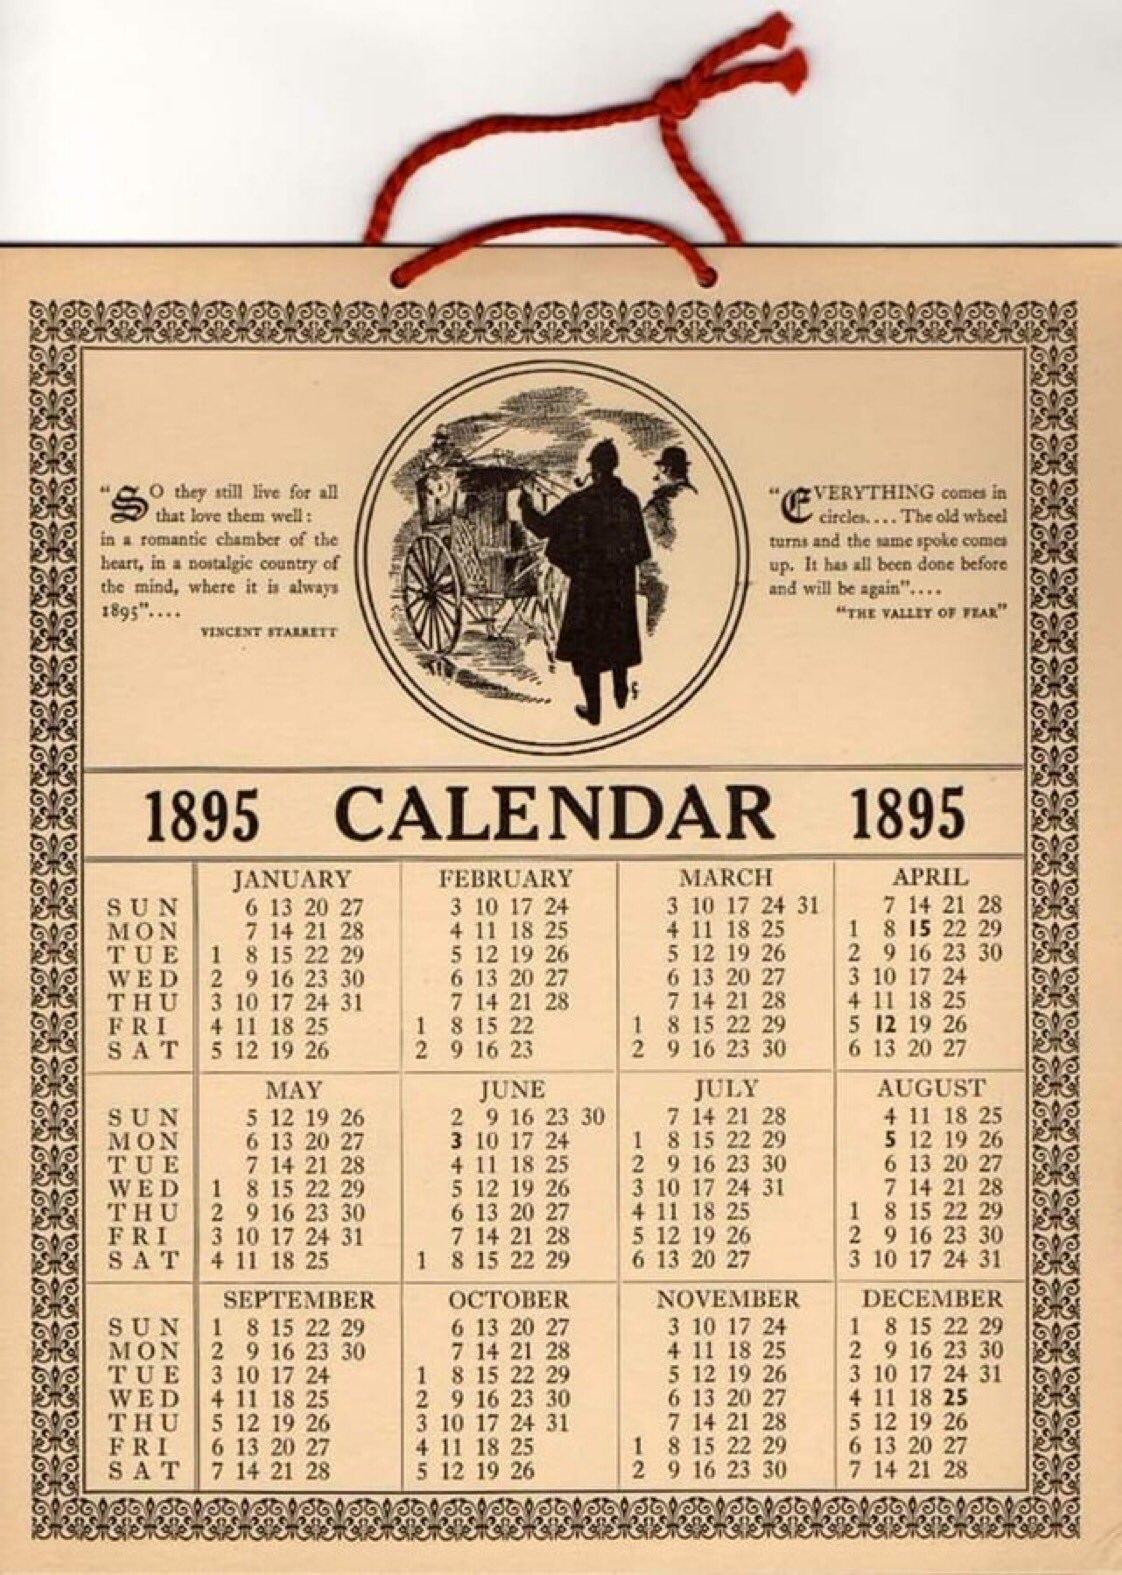 You Can Reuse Your 1895 Calendar As A 2019 Calendar : Mildlyinteresting Calendar 2019 Same As